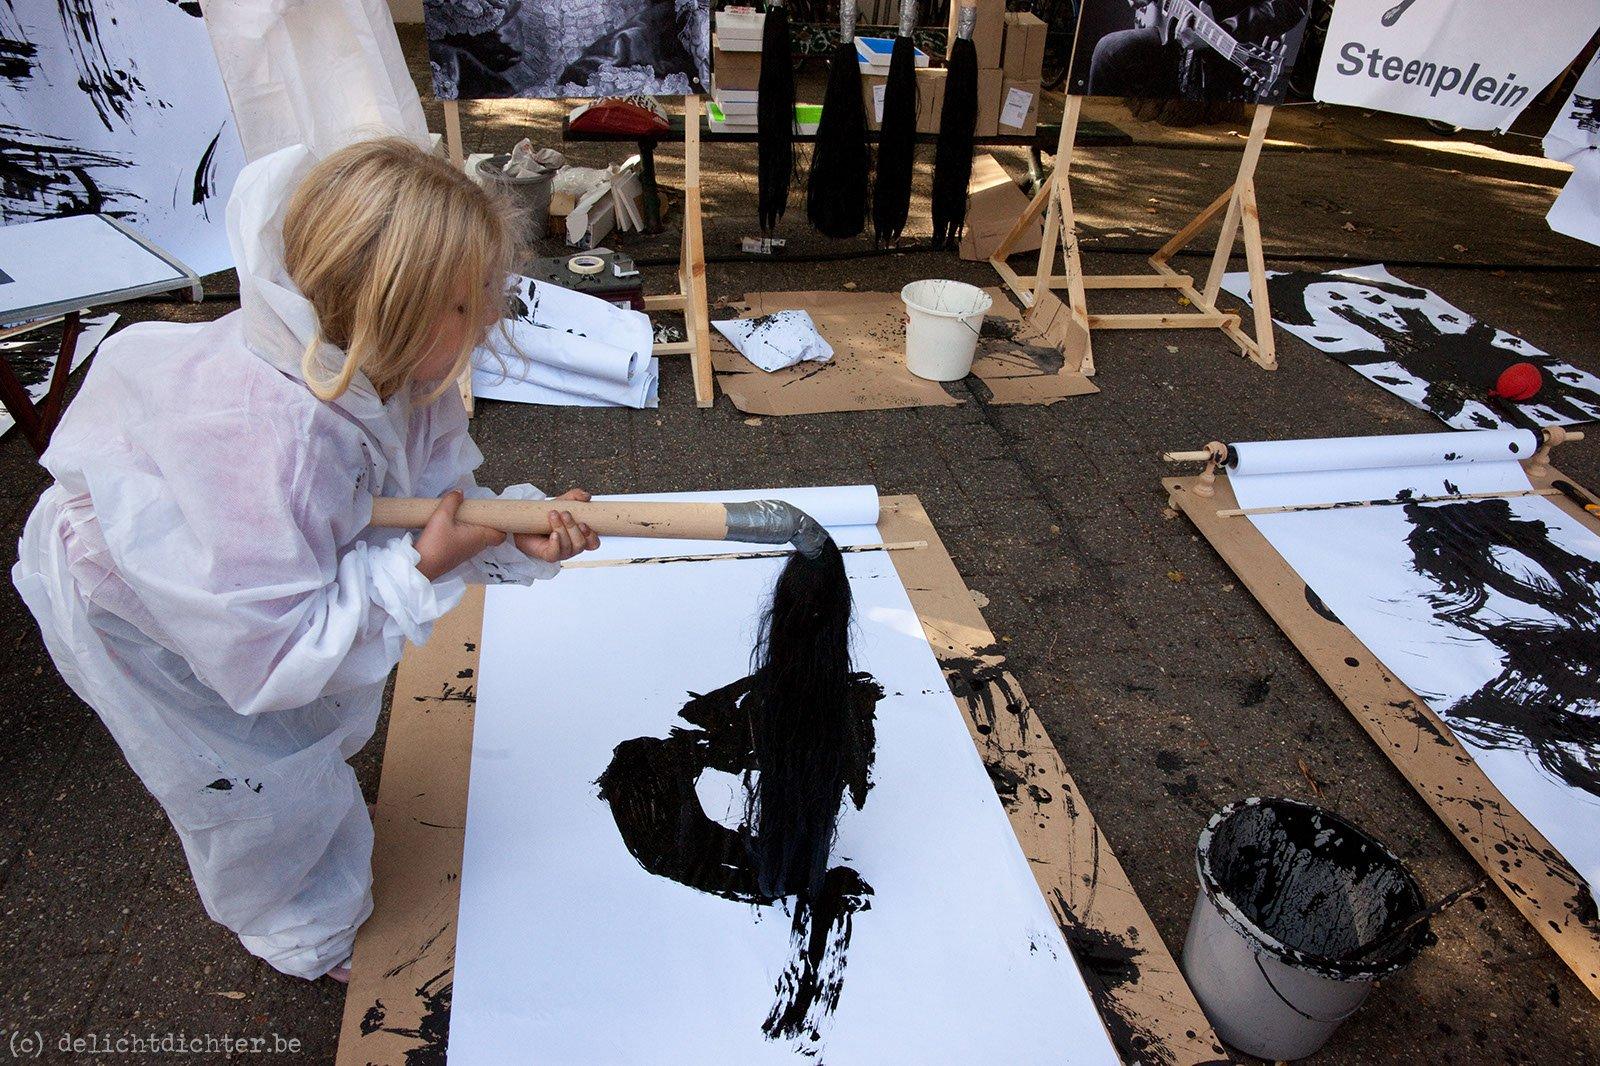 eddyhagen_cultuurmarkt_steenplein_20090830_165246